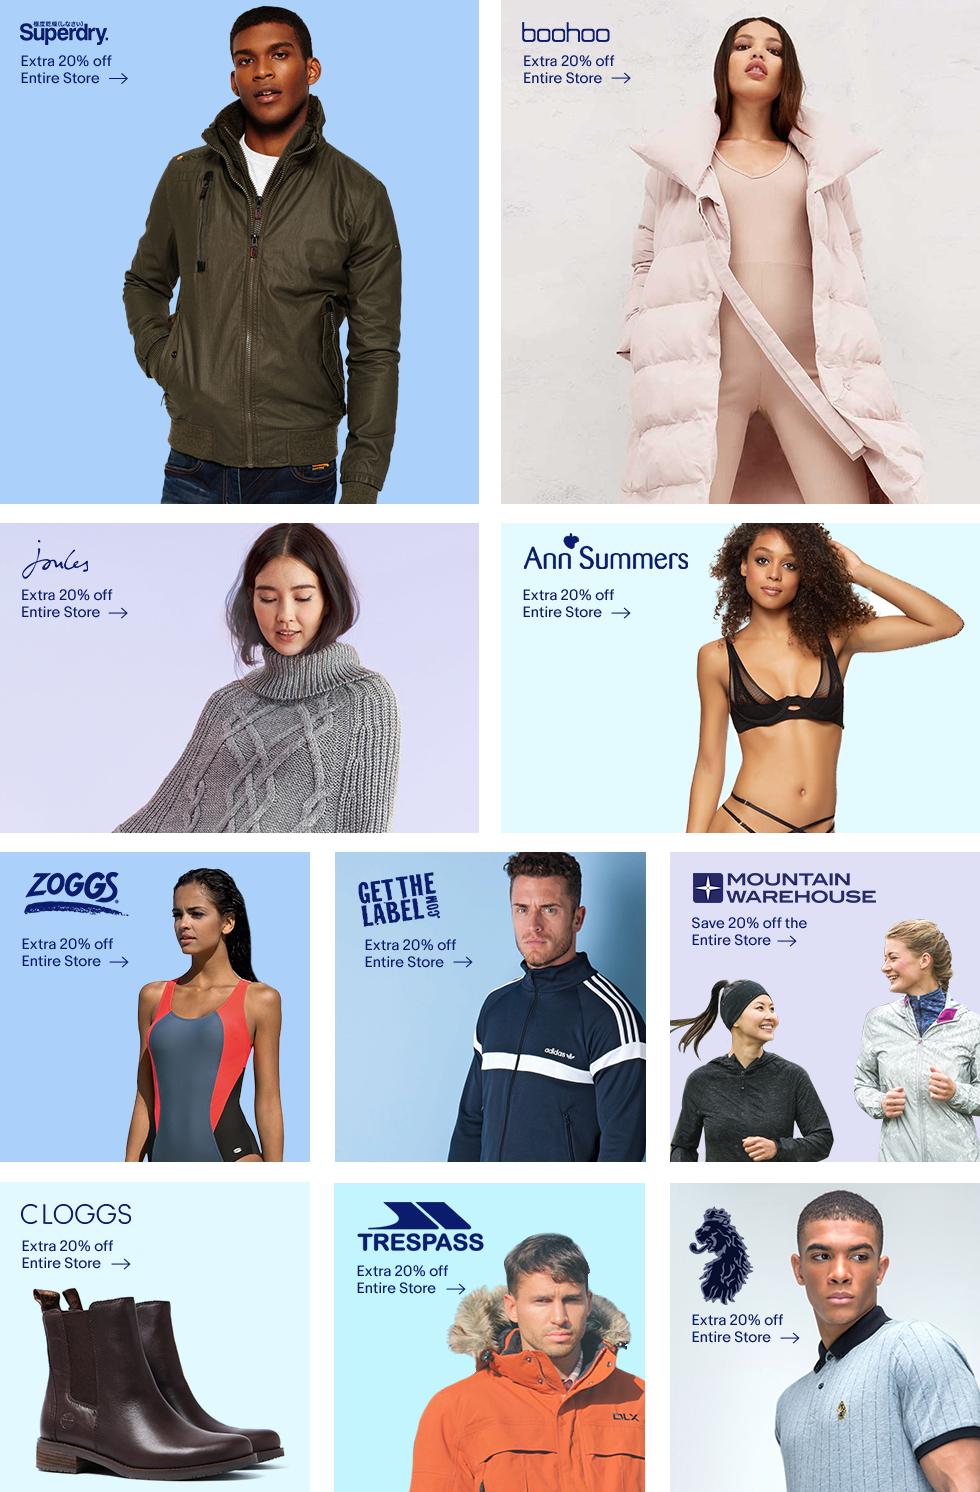 20% off at branded outlets @ Ebay